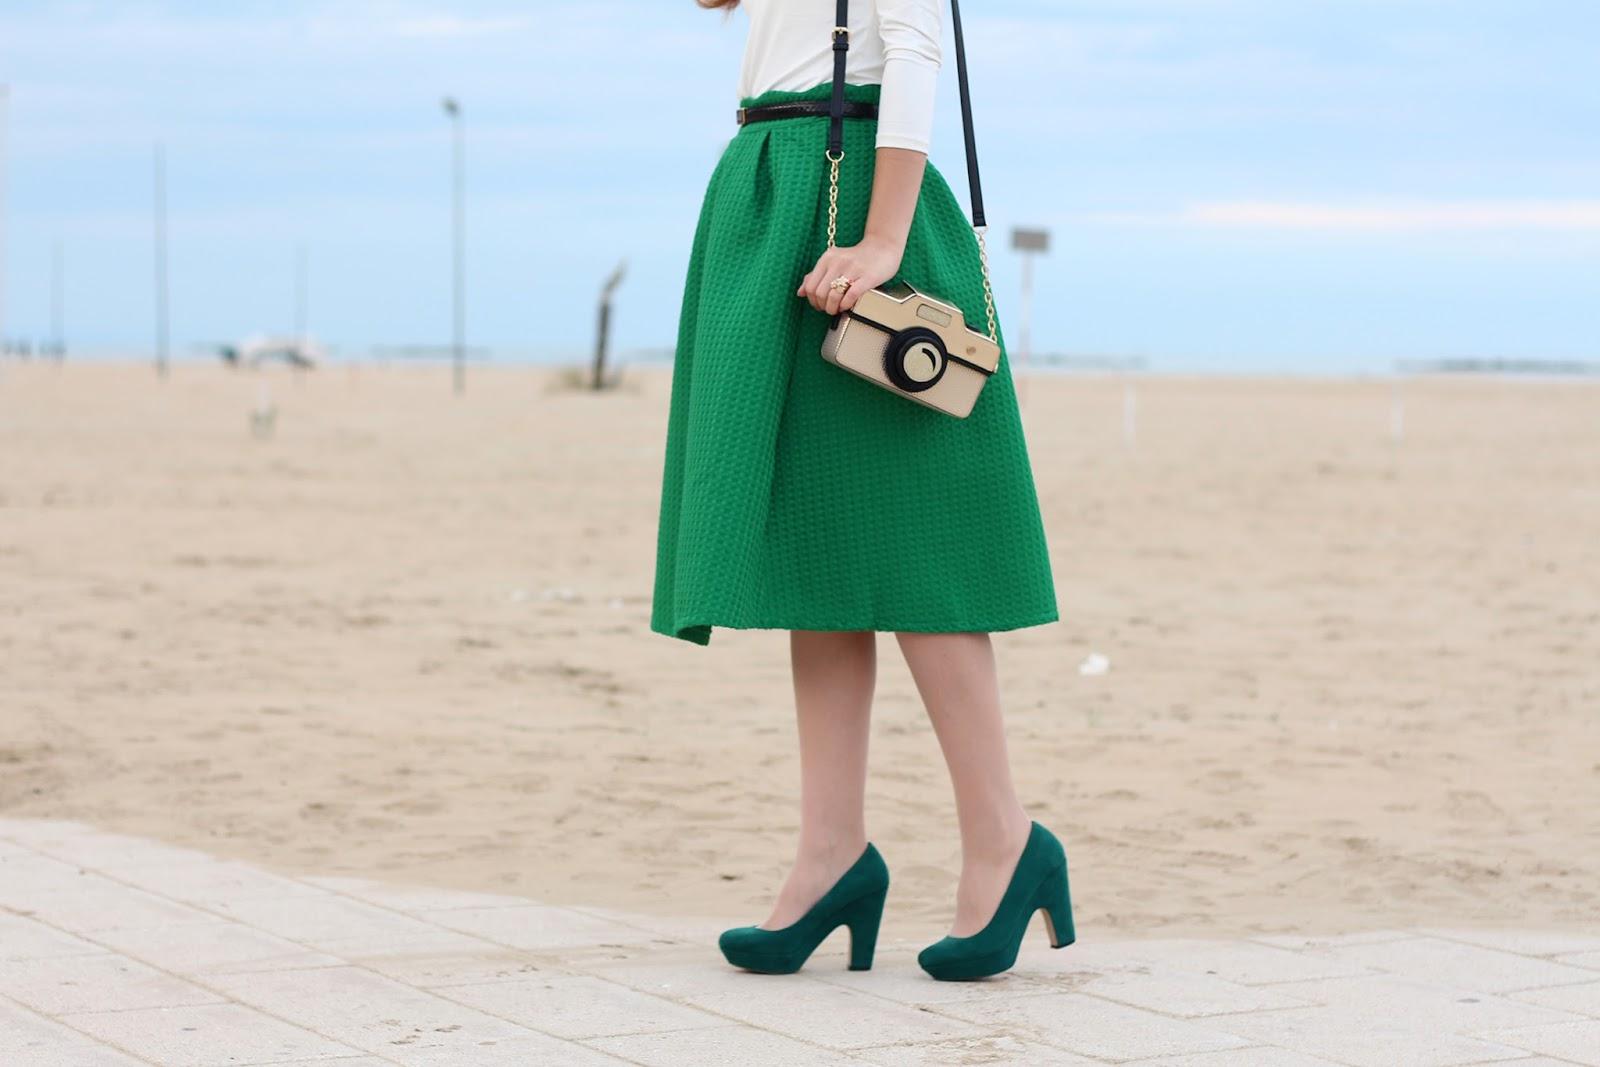 green midi skirt accessorize camera bag shoes heels pumps